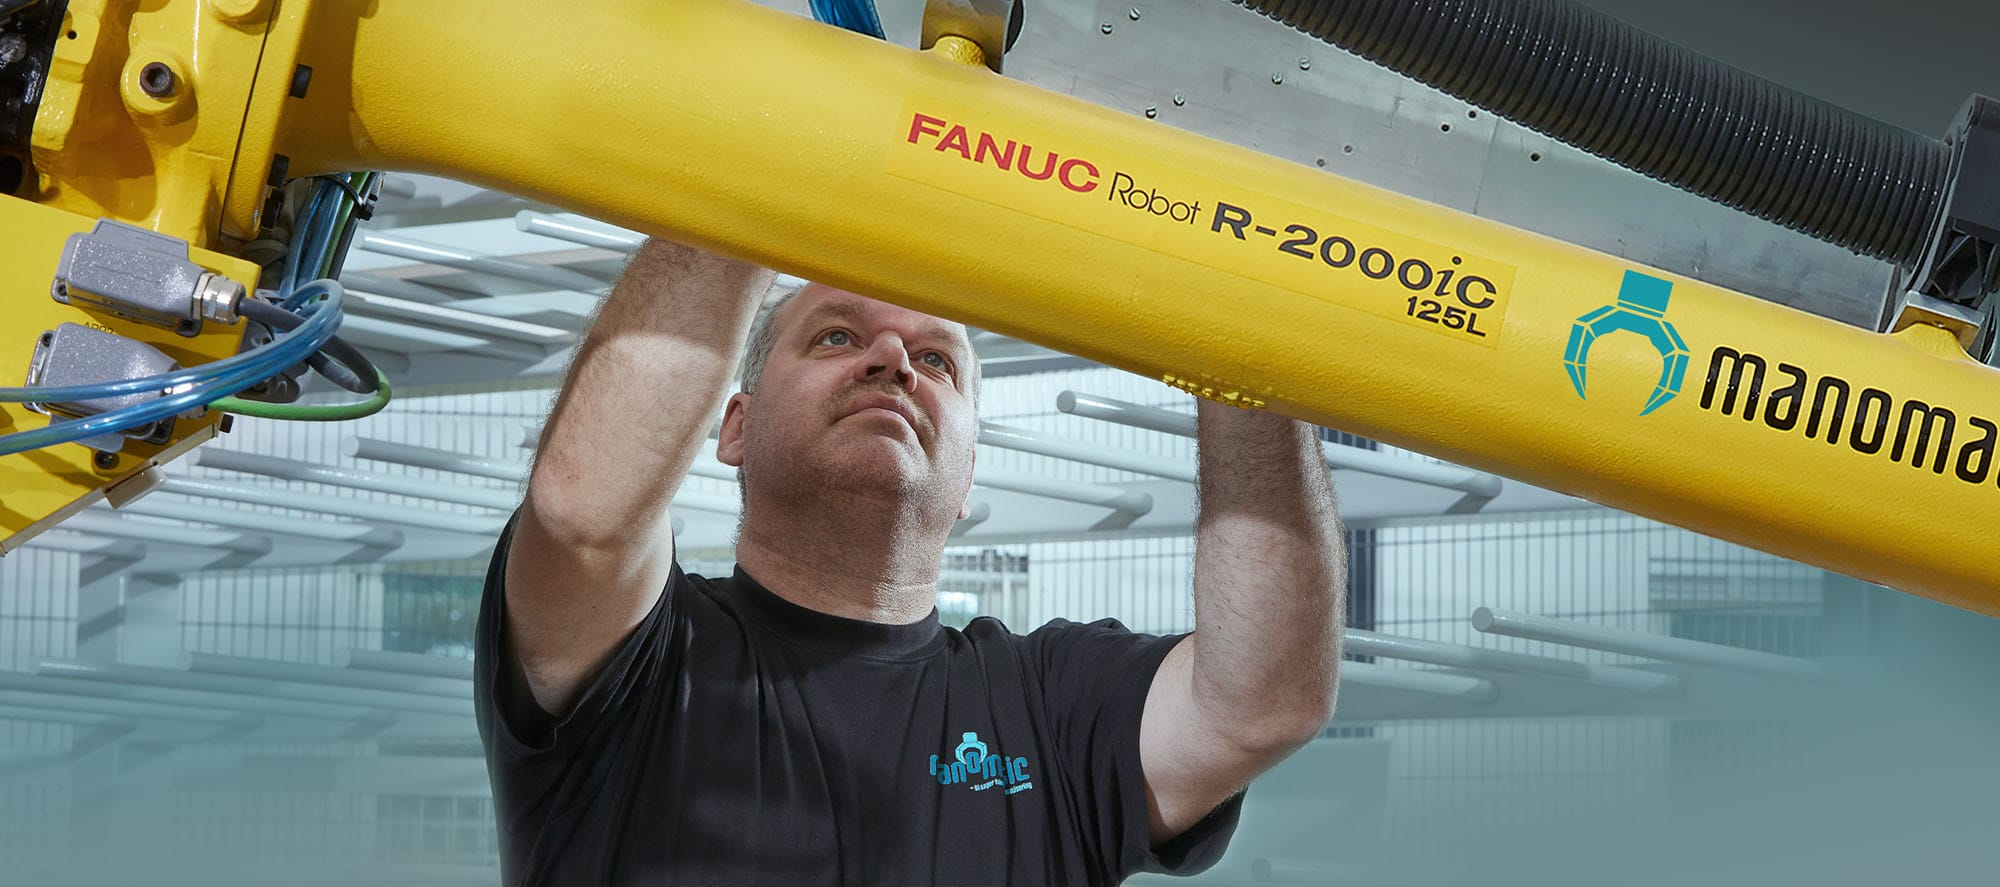 Tekniker arbejder på FANUC industrirobot